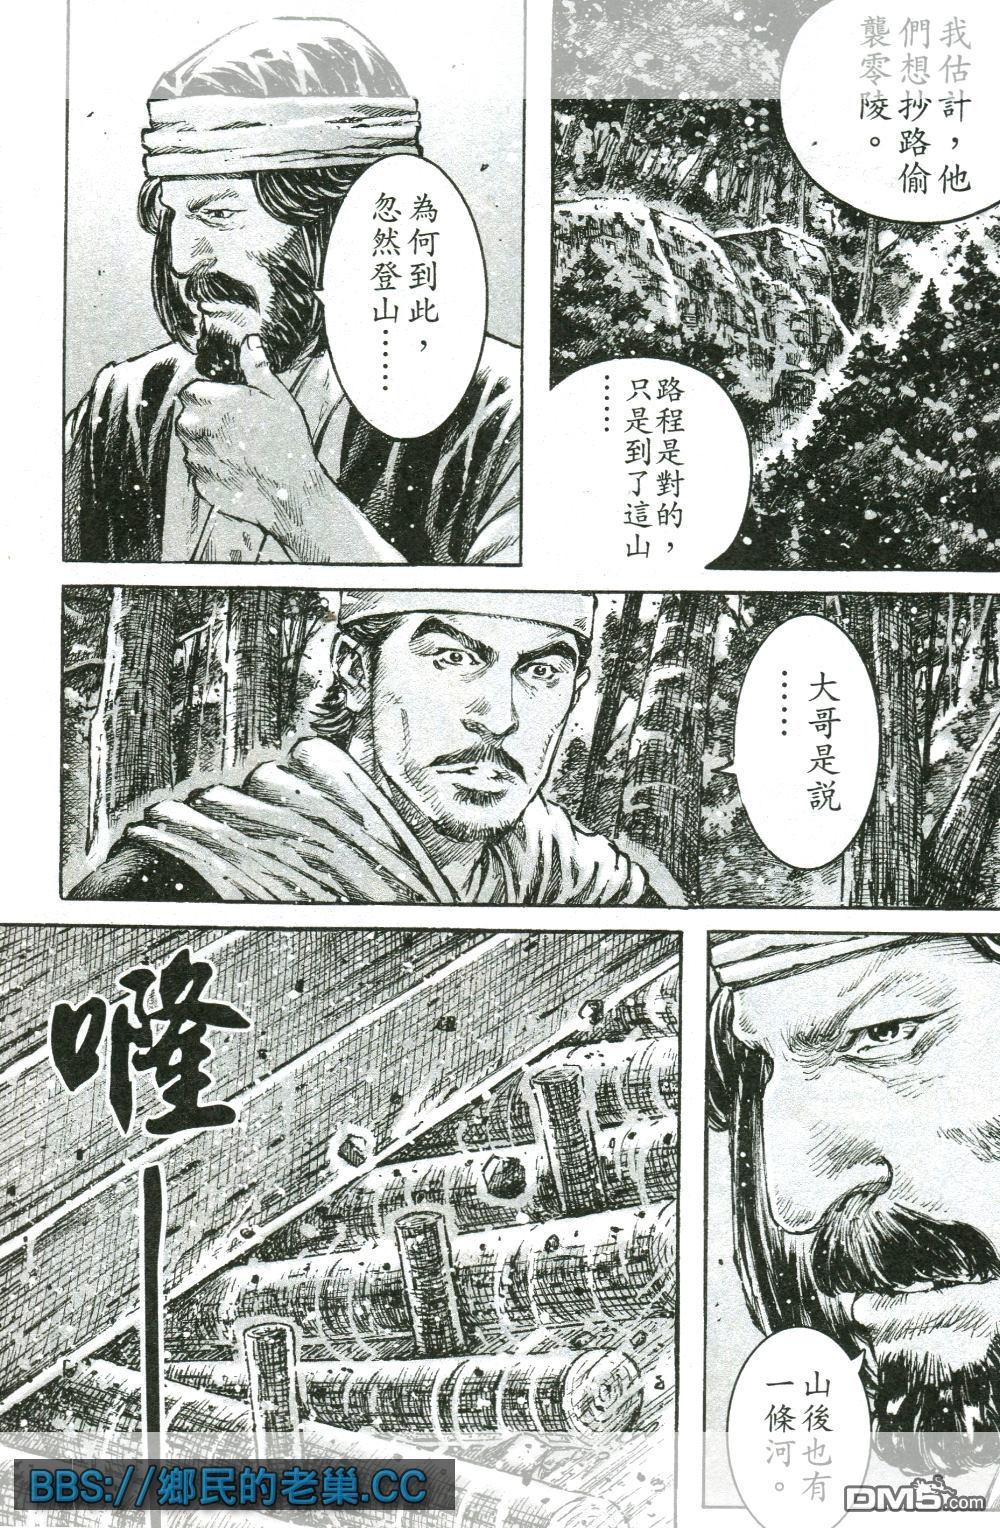 火鳳燎原漫畫火鳳燎原464話:無名神兵(第11頁)劇情-二次元動漫